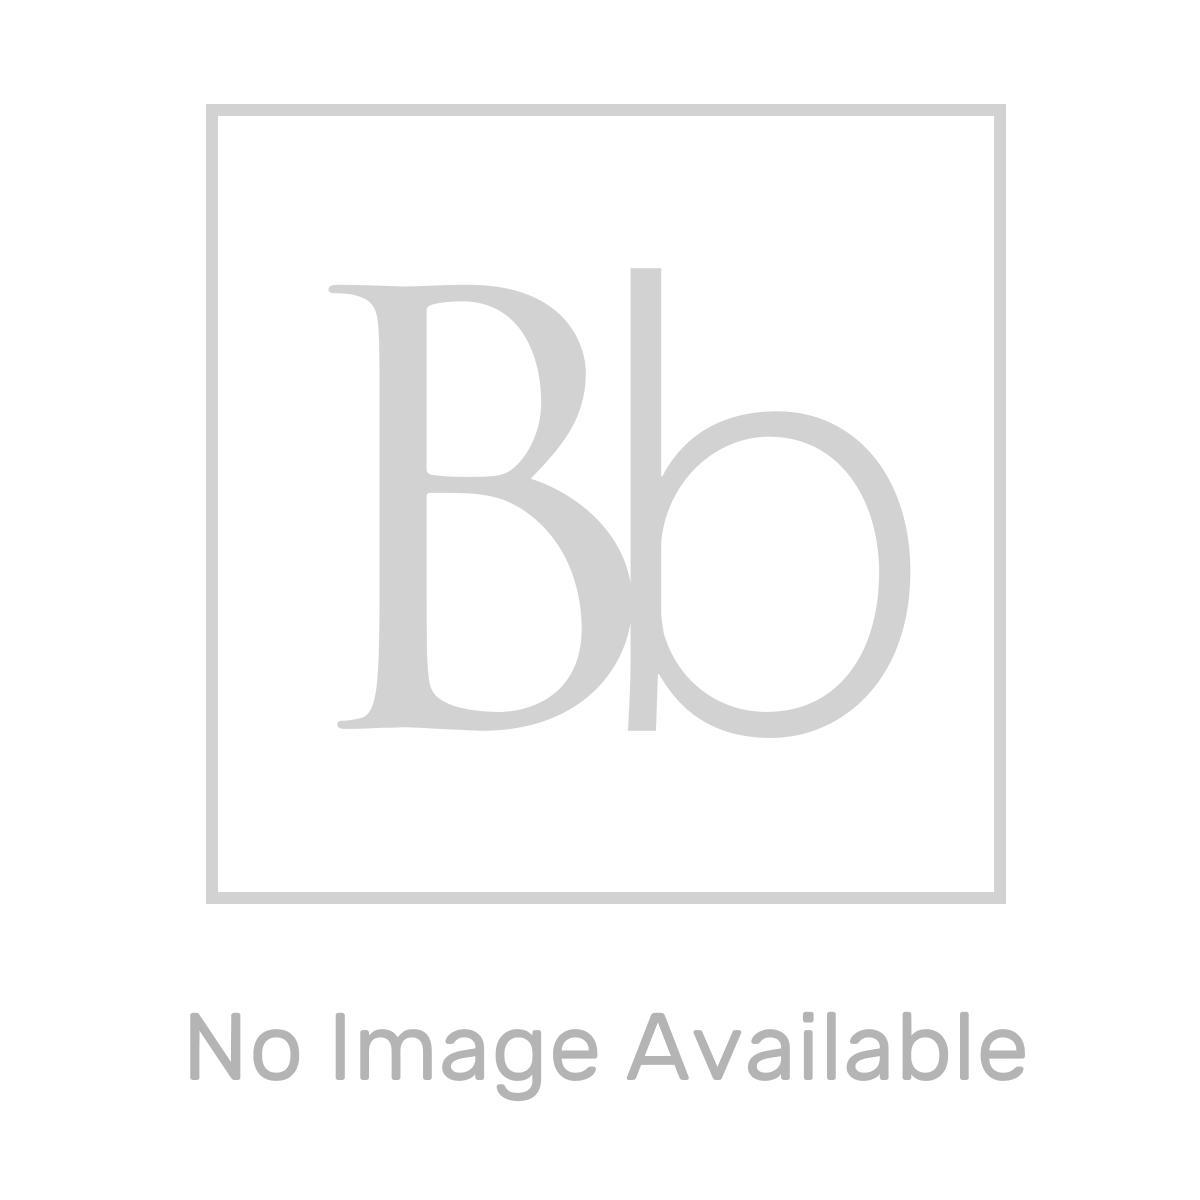 RAK Feeling Grey Rectangular Shower Tray 1700 x 700mm